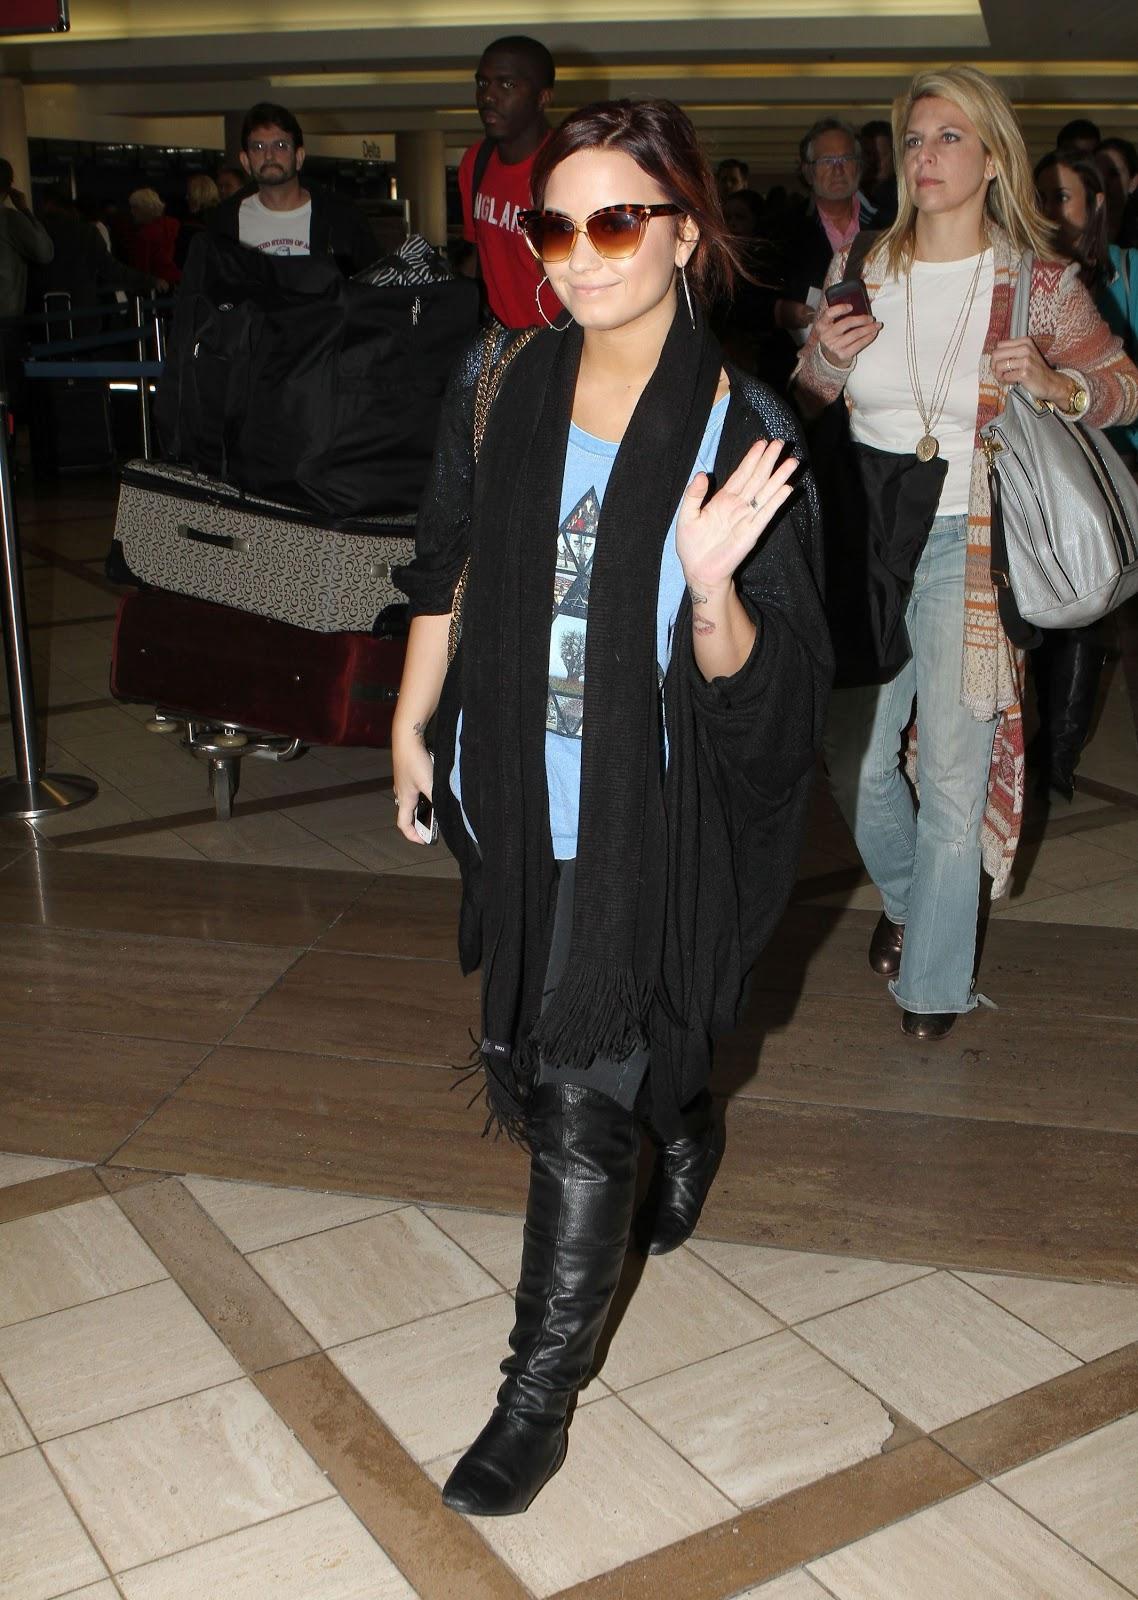 http://2.bp.blogspot.com/-V6bqquDlUNA/Tv8SE4NWgrI/AAAAAAAAQtE/WDxyA8zeR1o/s1600/CU-Demi+Lovato+arrives+at+LAX-09.JPG